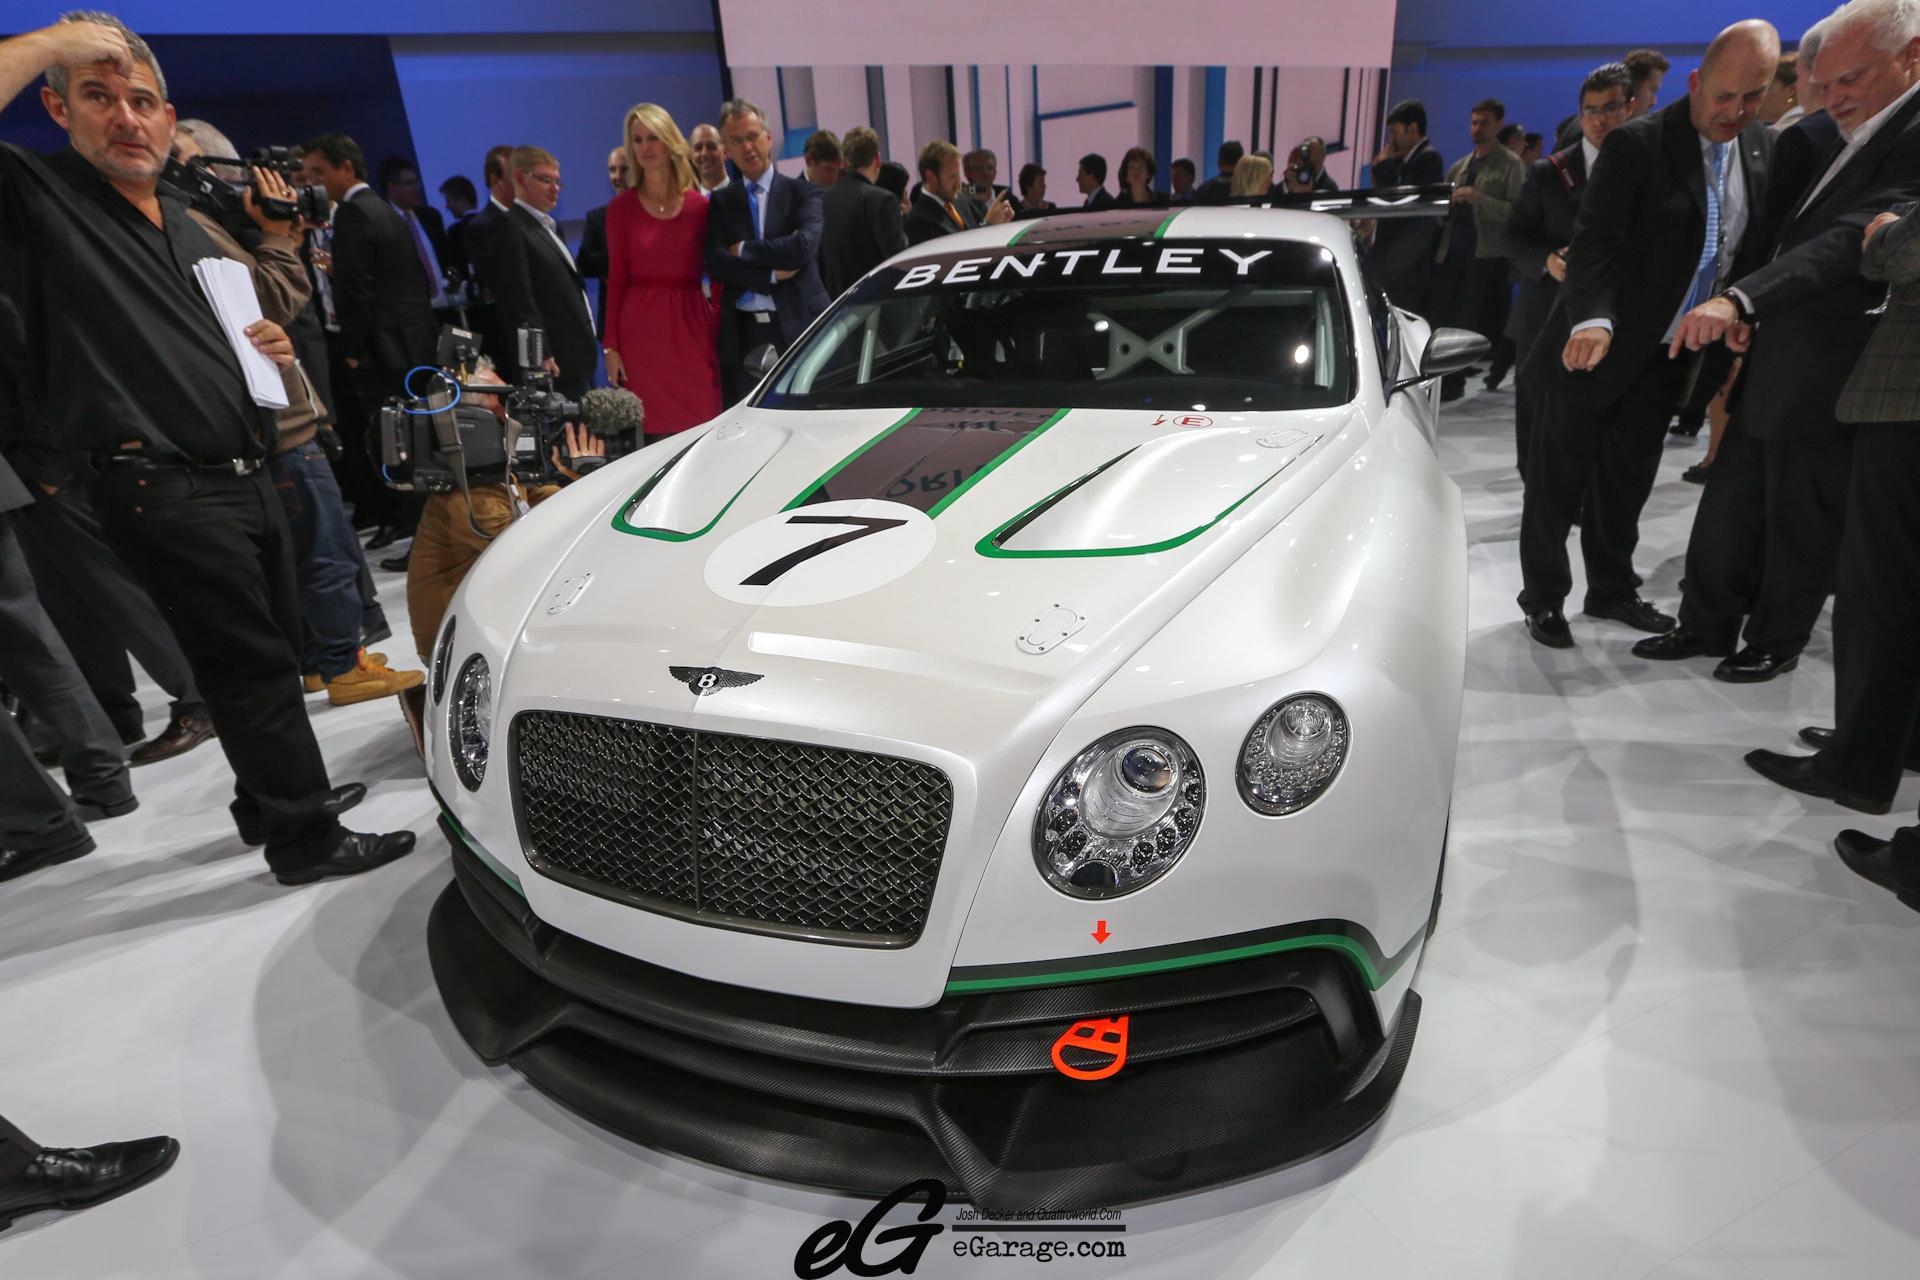 8030389926 cafea1fc71 o 2012 Paris Motor Show